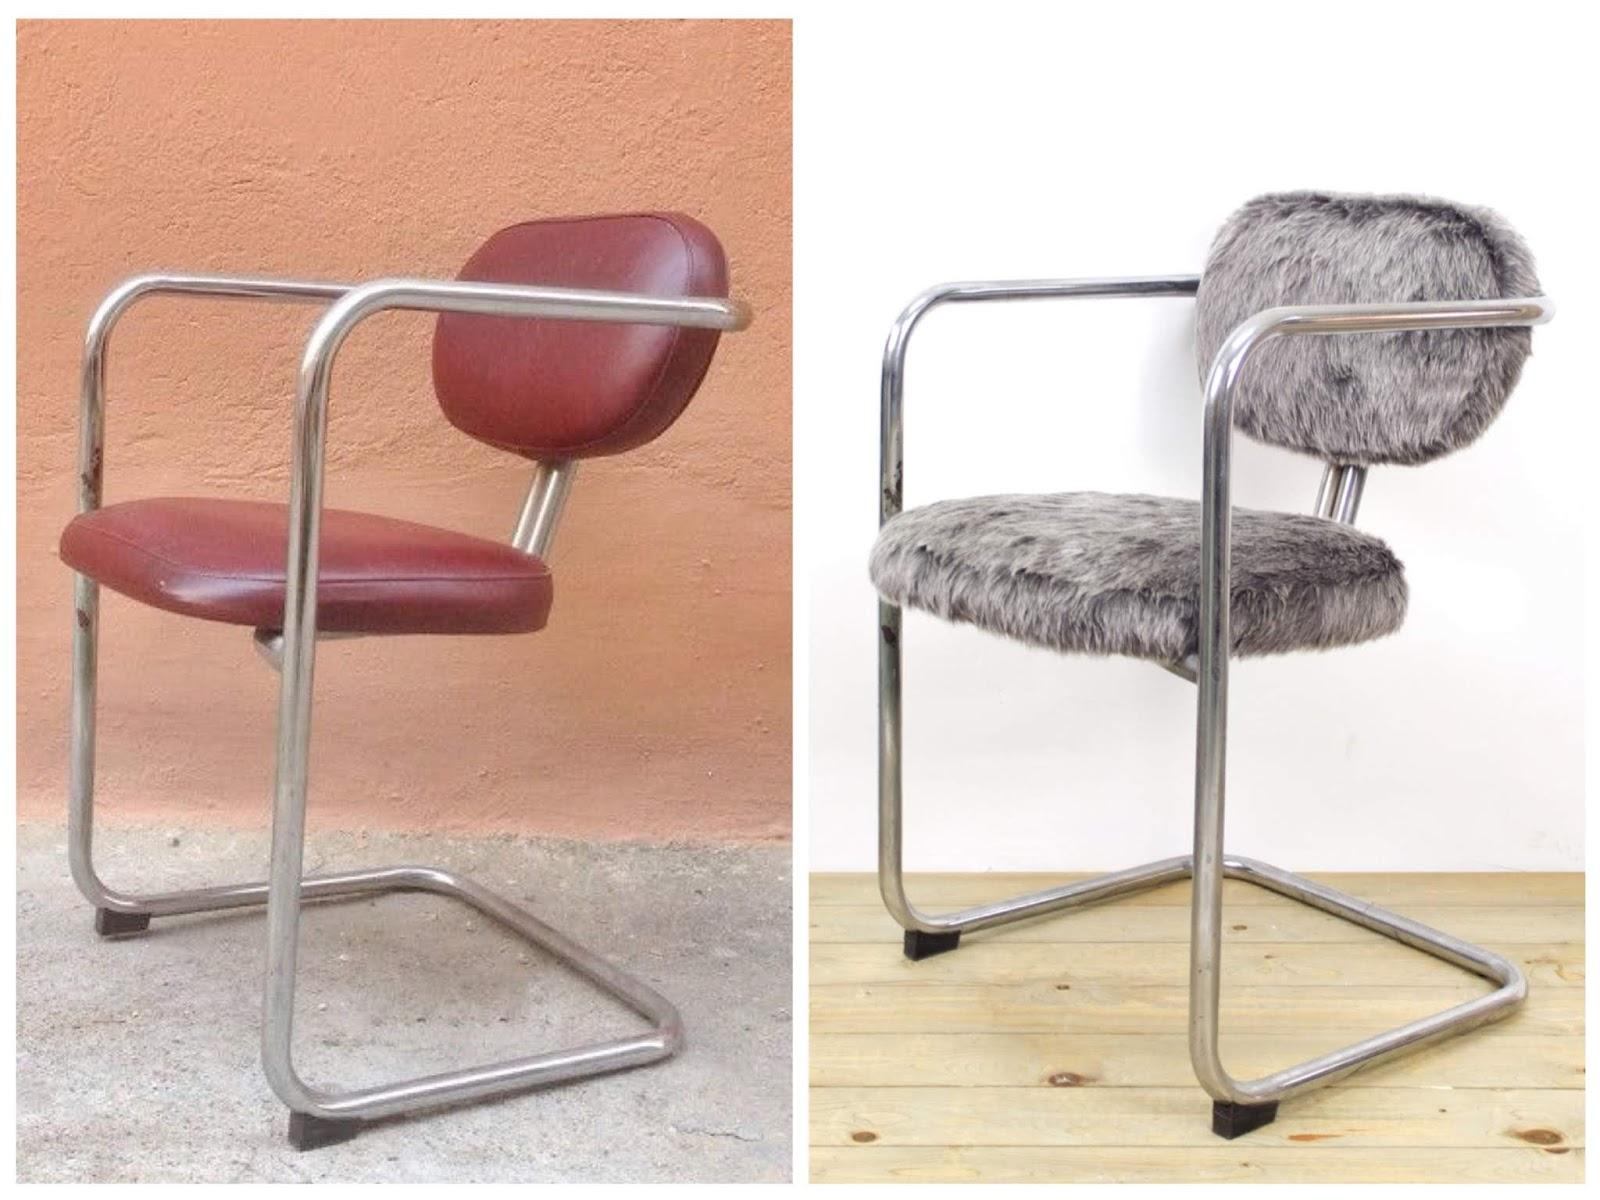 Antes y después - Silla tapizada con pelo sintético - Studio Alis